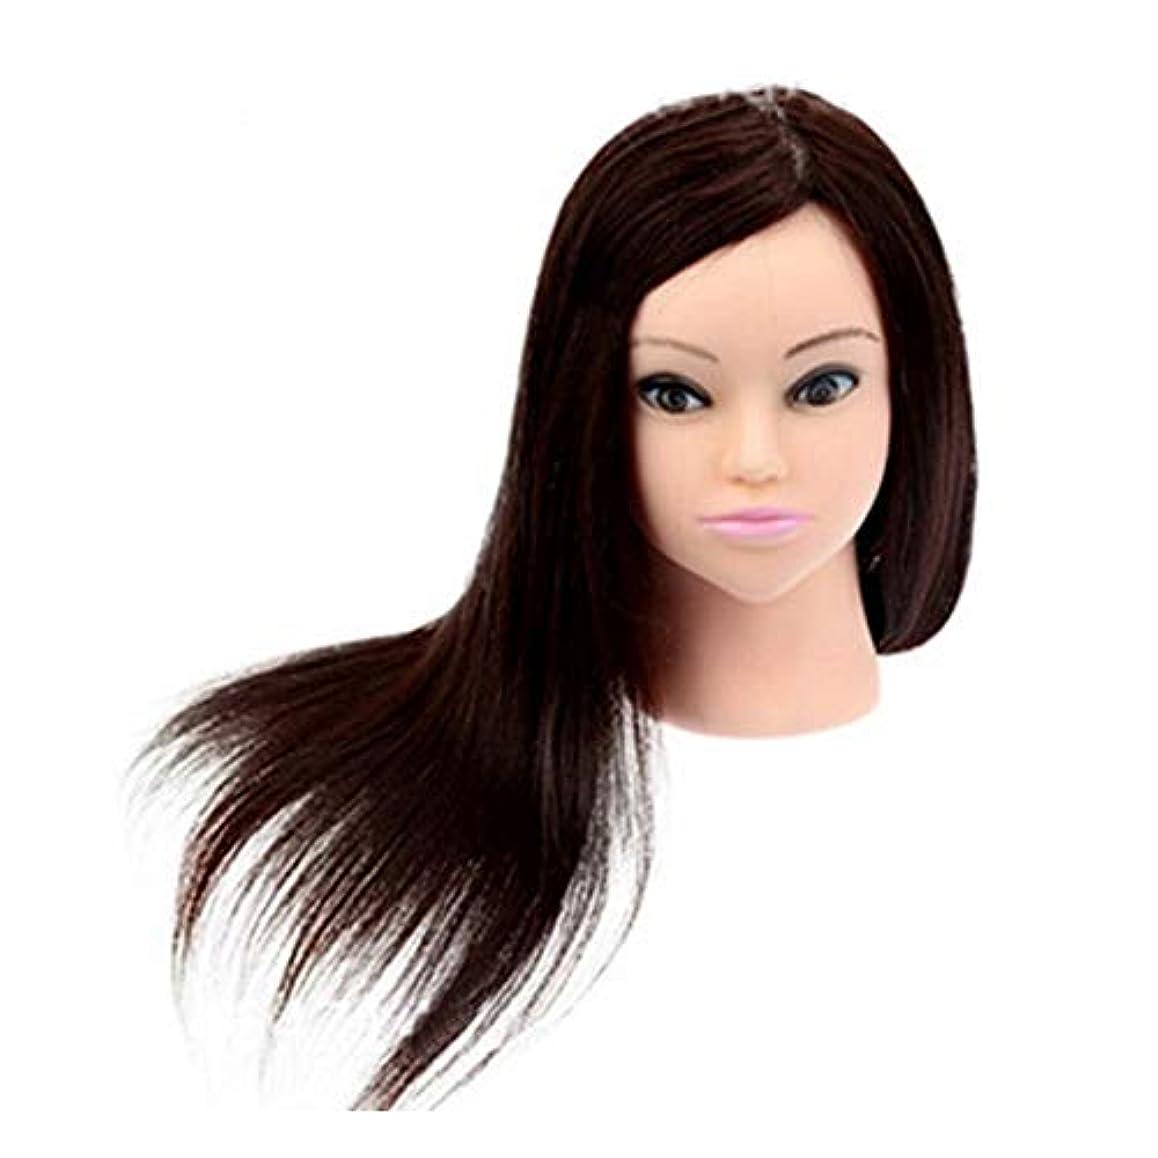 調査生産性鑑定シルクプロテインかつらヘッドモールドメイク編組ヘアモデルヘアーサロントレーニングヘアカット散髪金型ダミー人間ヘッドかつら